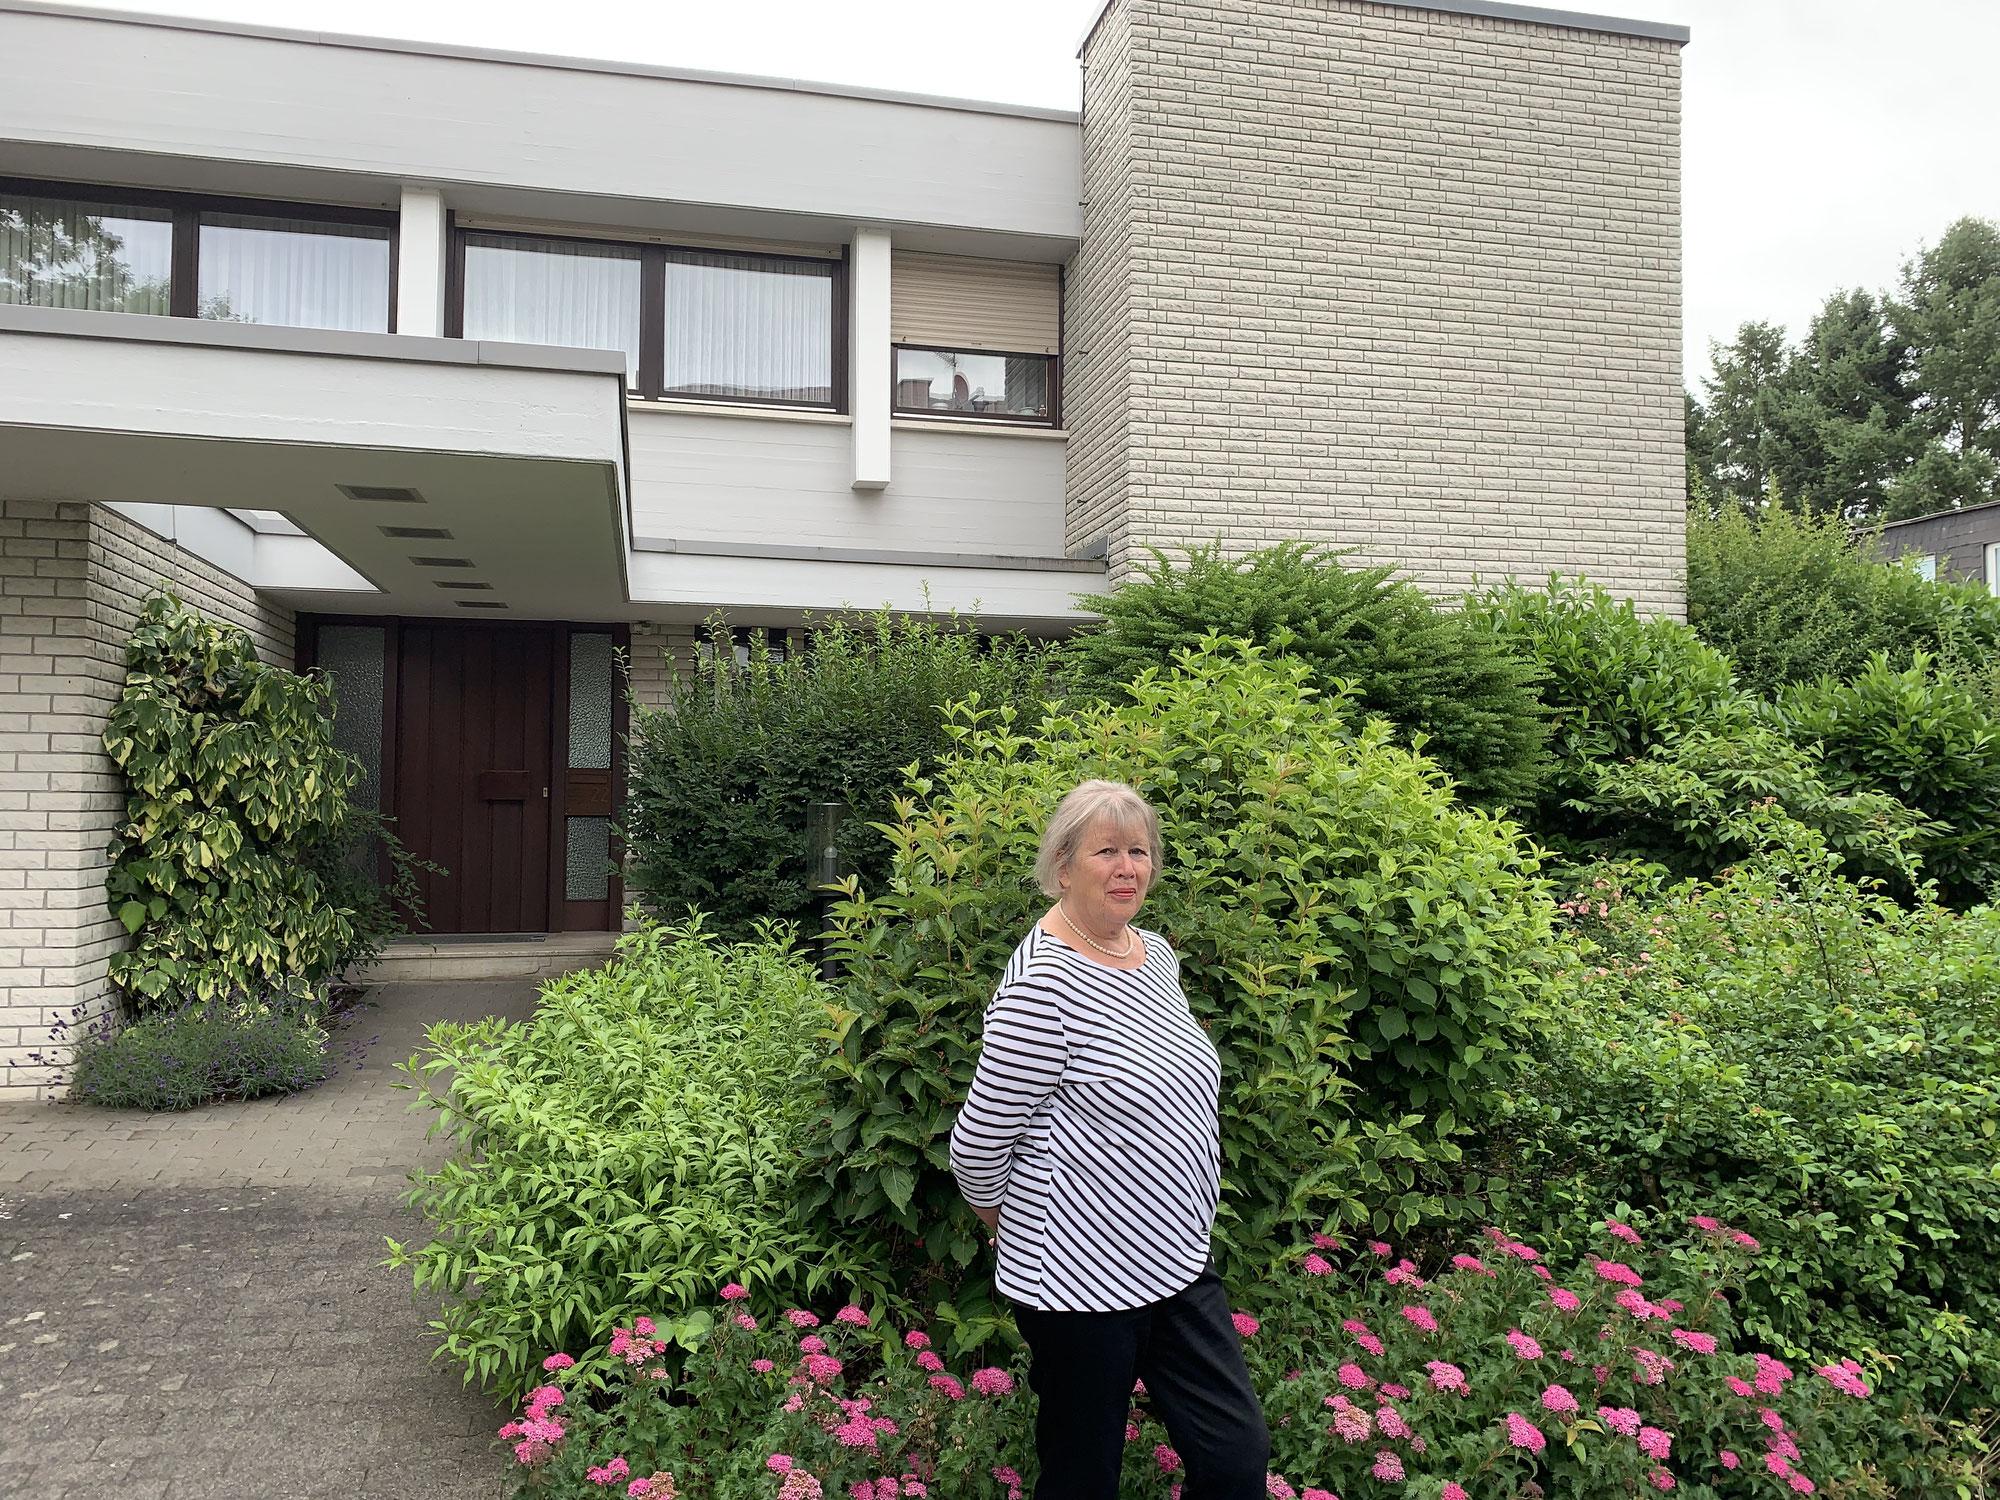 Ortsbegehungen und Bürgergespräche mit dem Bürgermeisterkandidaten Andreas Heuser